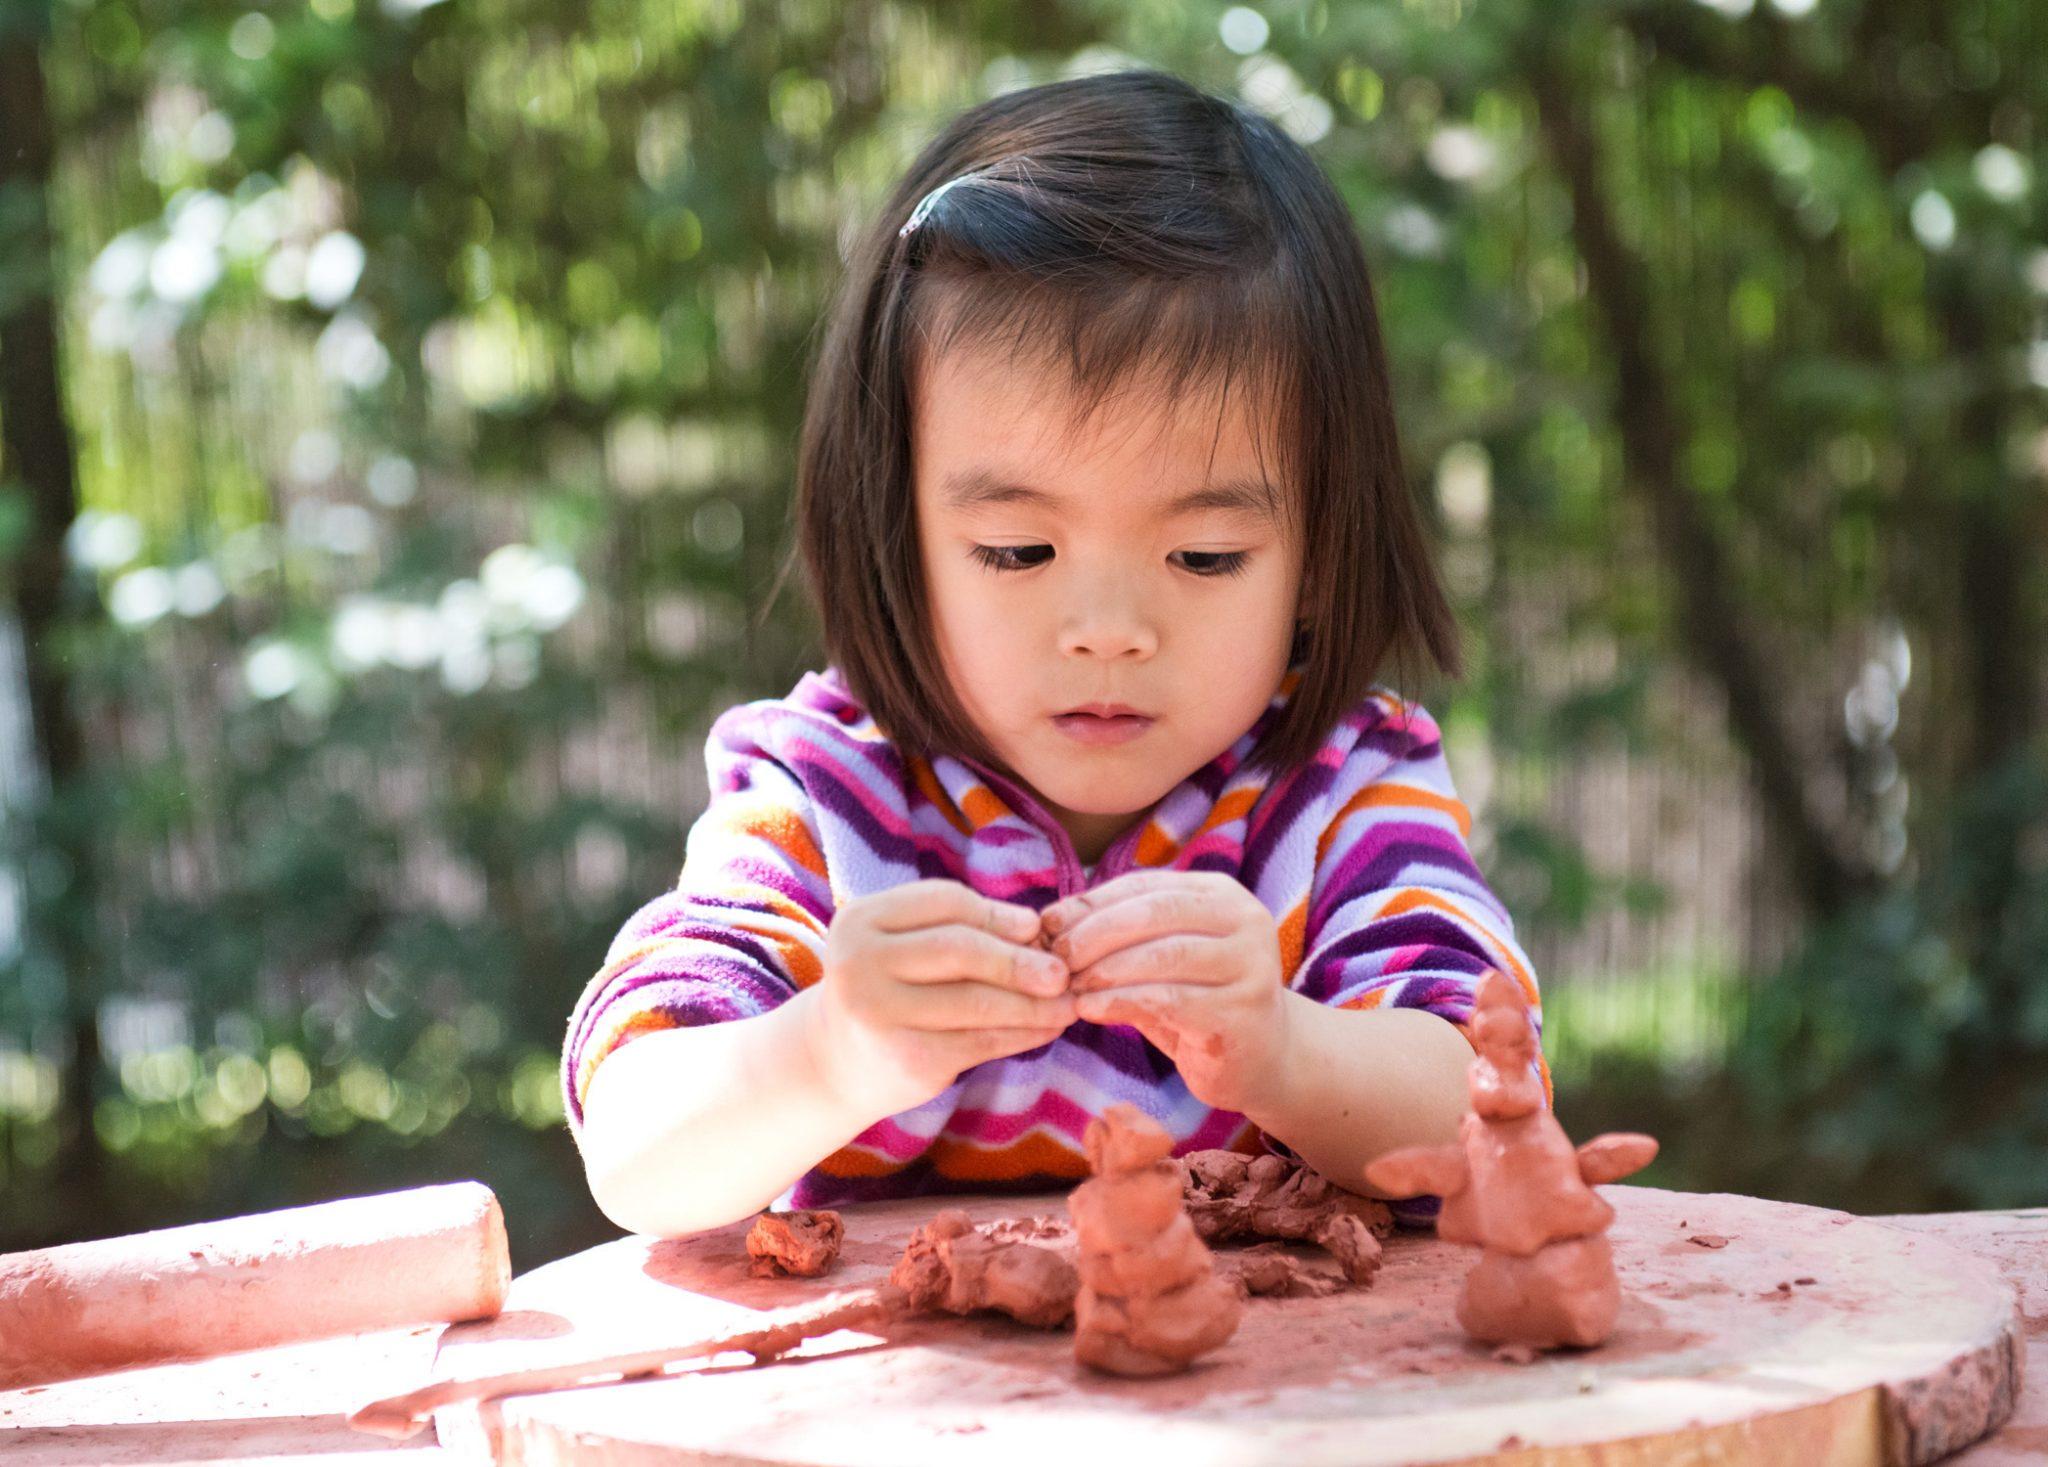 Kidspace's Homeschool Day: Wild Art